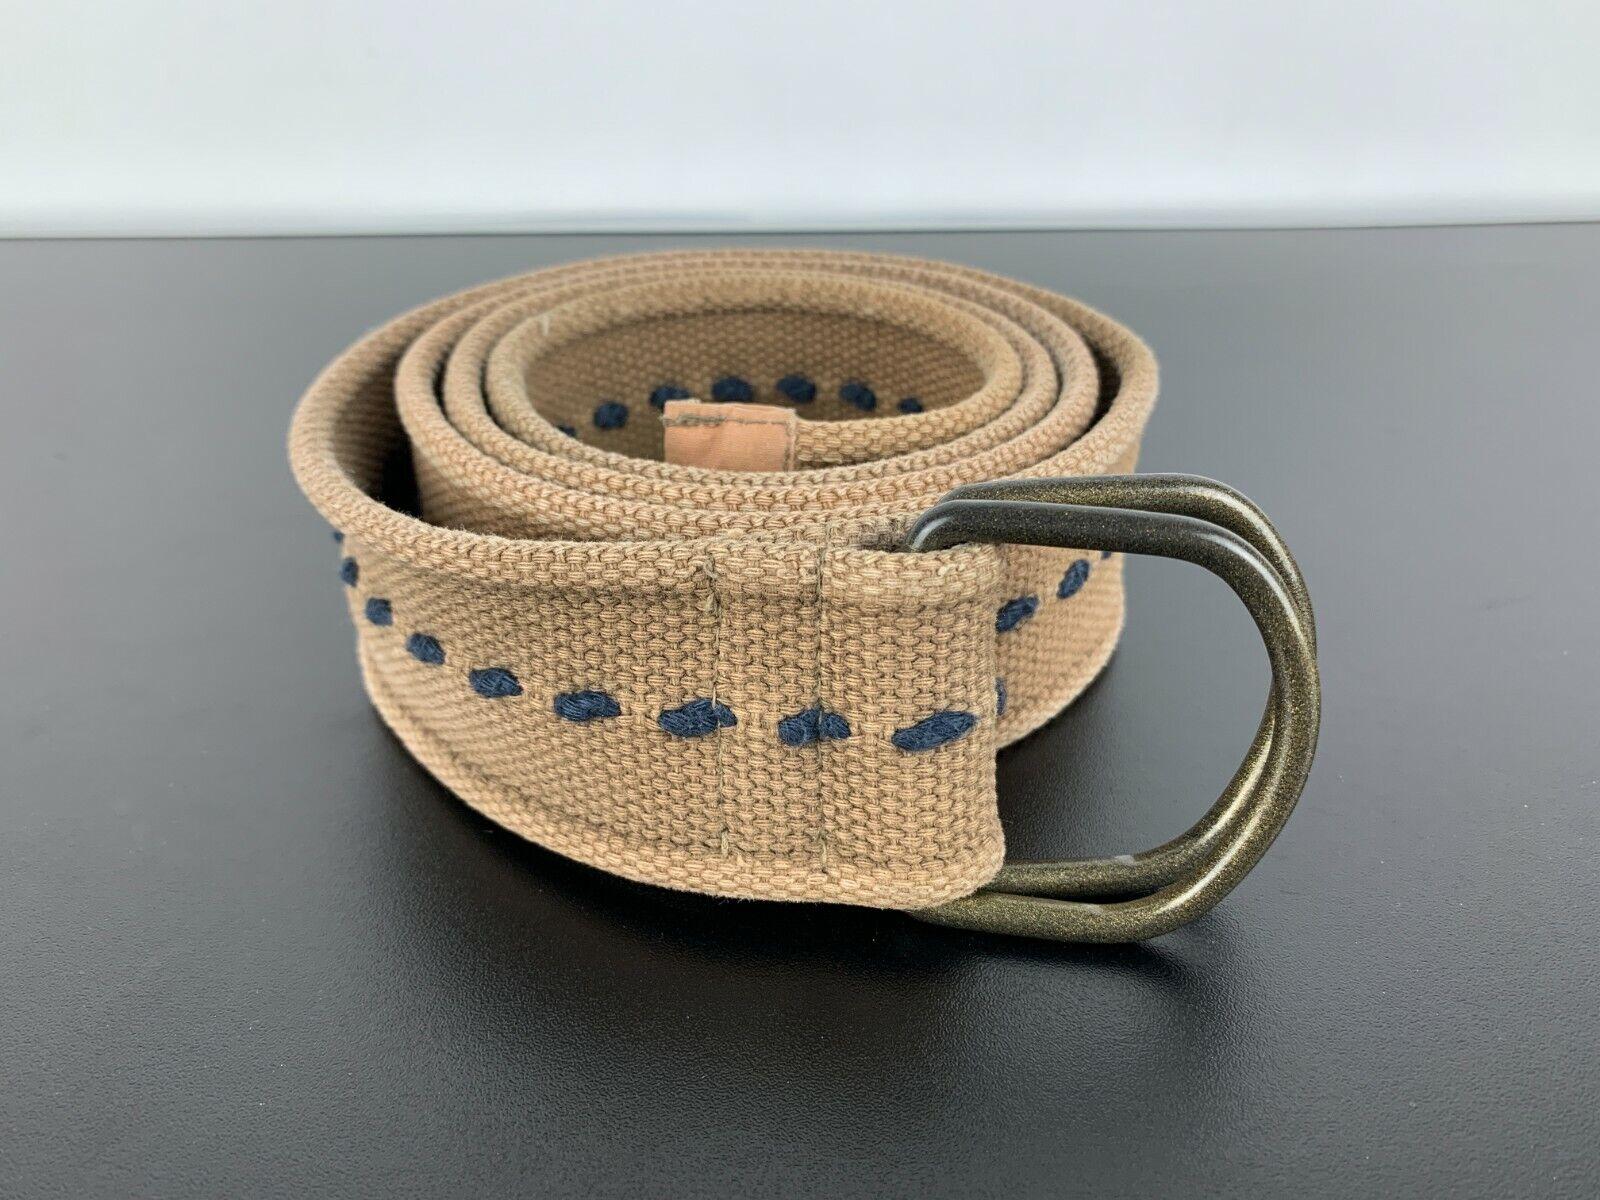 Leichter Stoff Flechtgürtel Geflochtener Braided Plaited Fabric Belt Braun 110